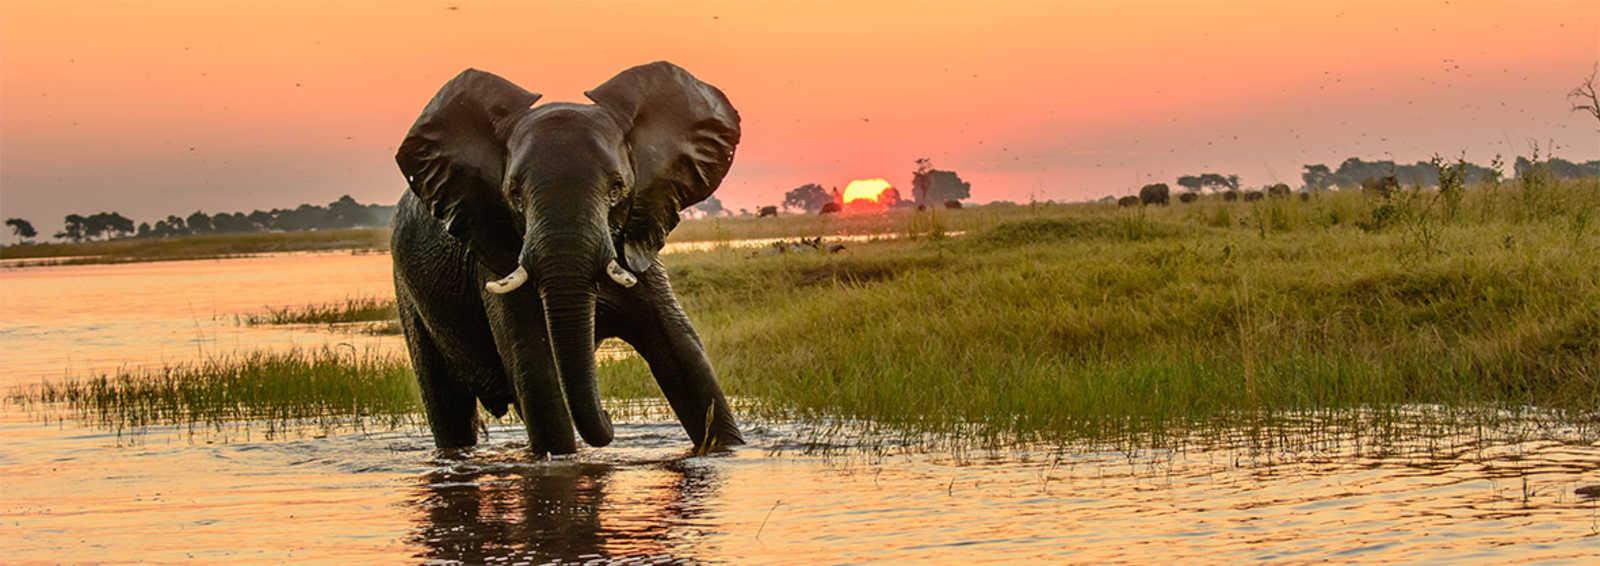 Elephant in Chobe Park, Botswana